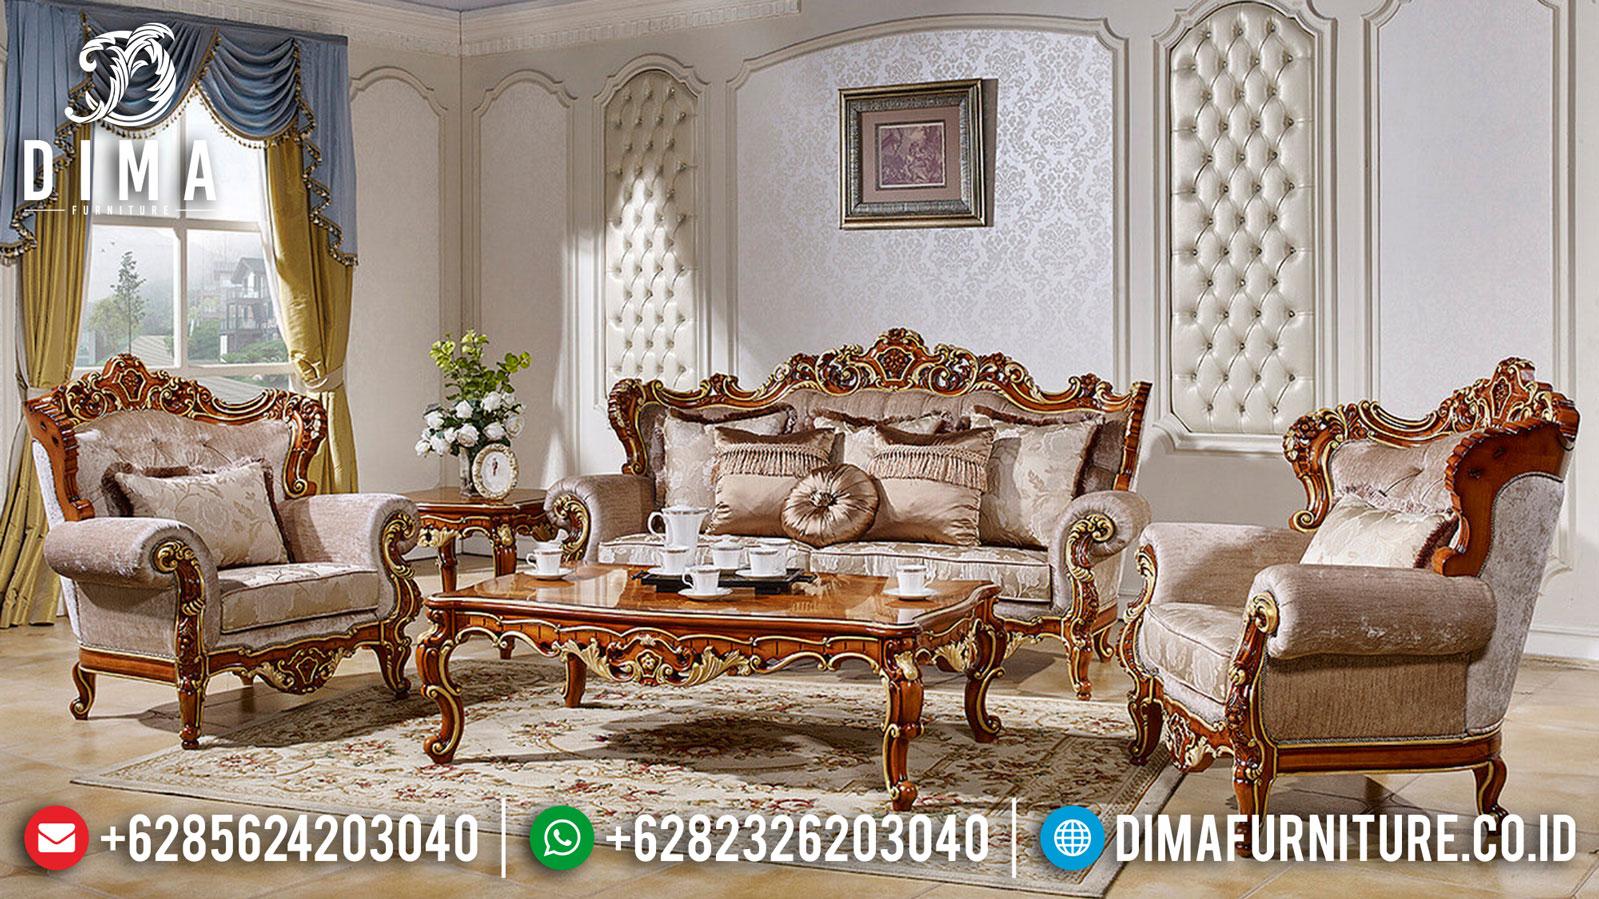 Harga Sofa Tamu Jati Natural Kombinasi Luxury Style Mebel Jepara Terbaru TTJ-1047